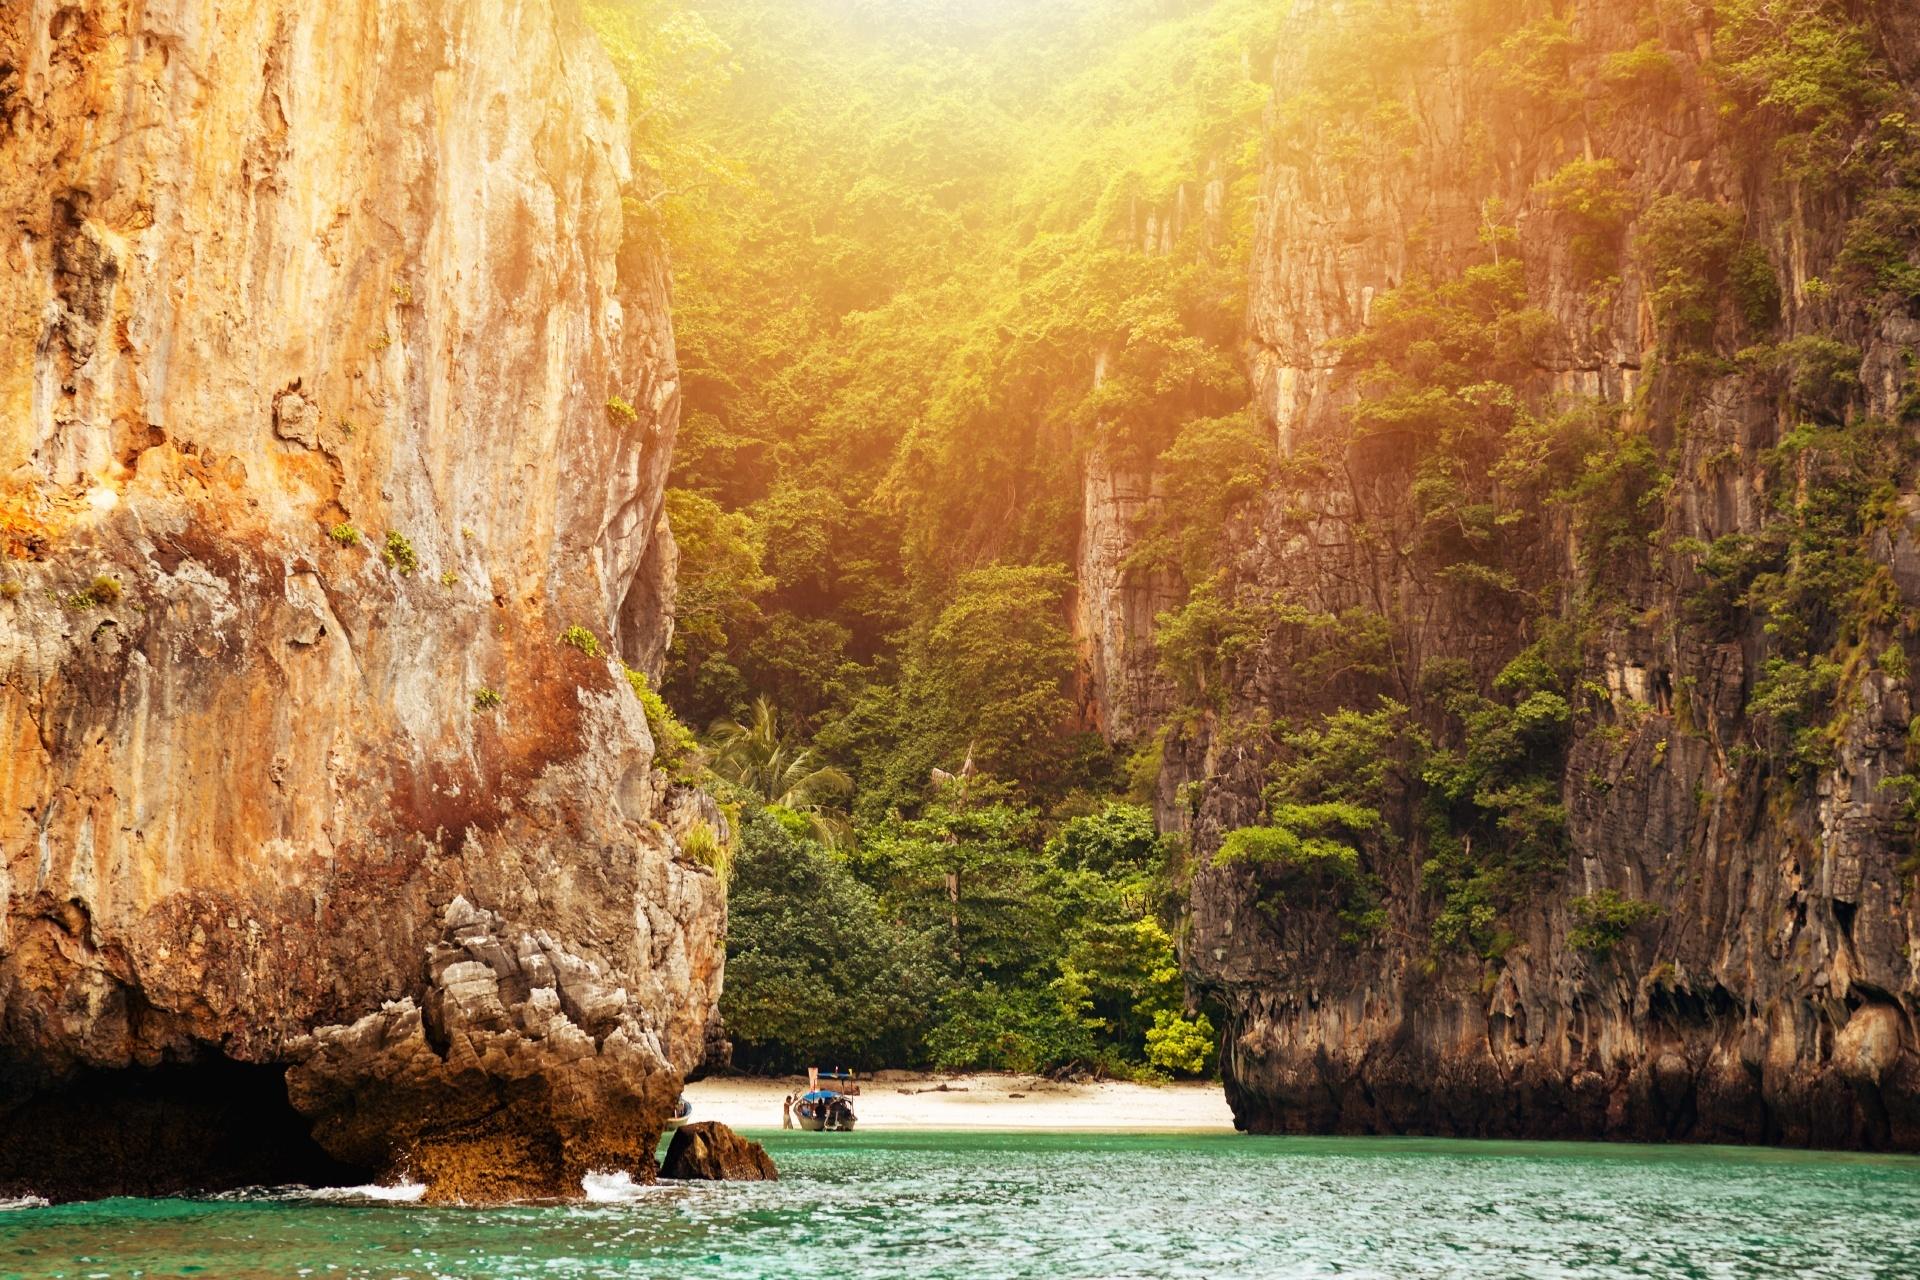 離島の風景 タイの風景